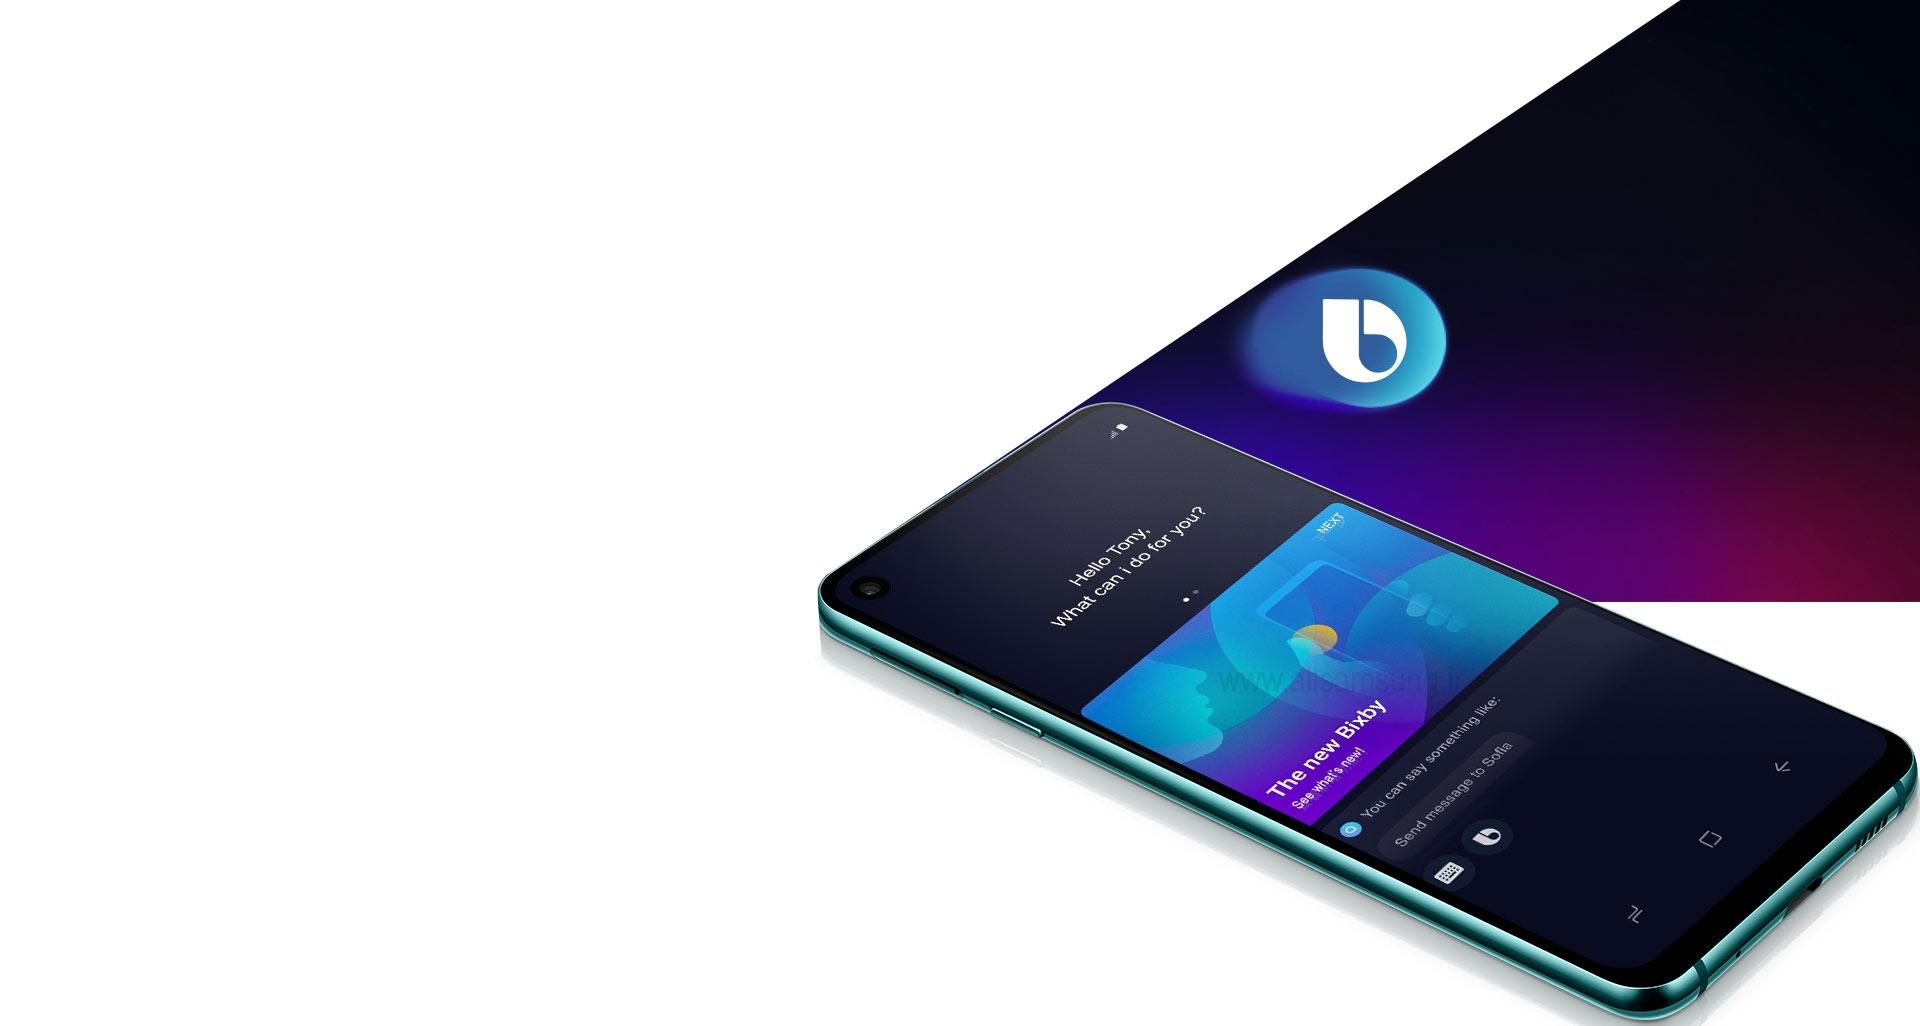 گوشی گلکسی ای 8 اس، مجهز به دستیار صوتی هوشمند بیکسبی